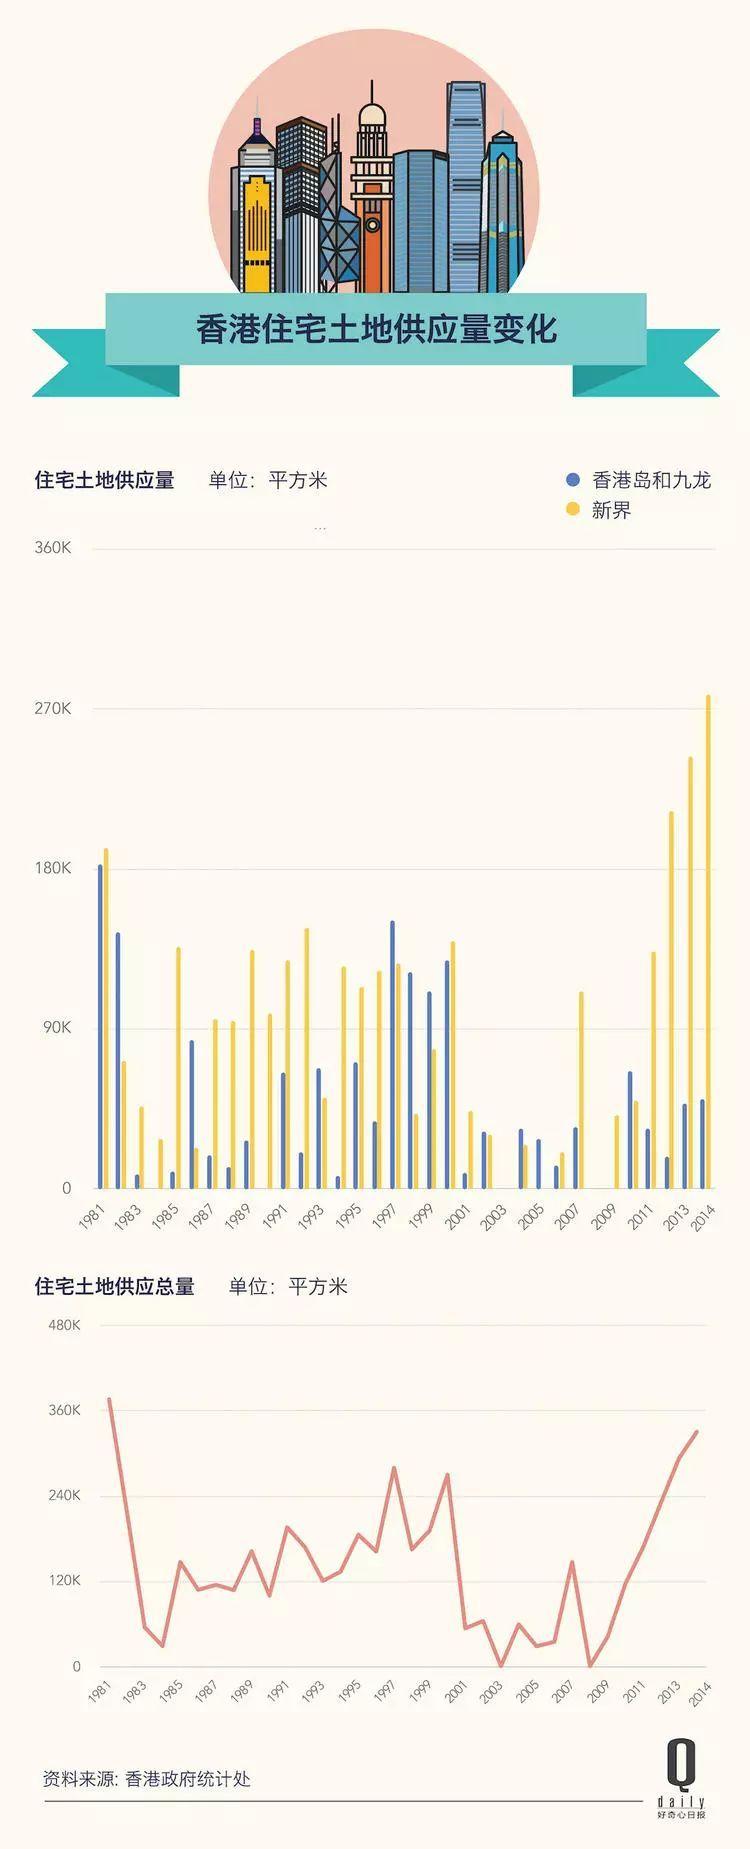 19 年收入才能买得起房,香港房价又创新高 | 好奇心小数据